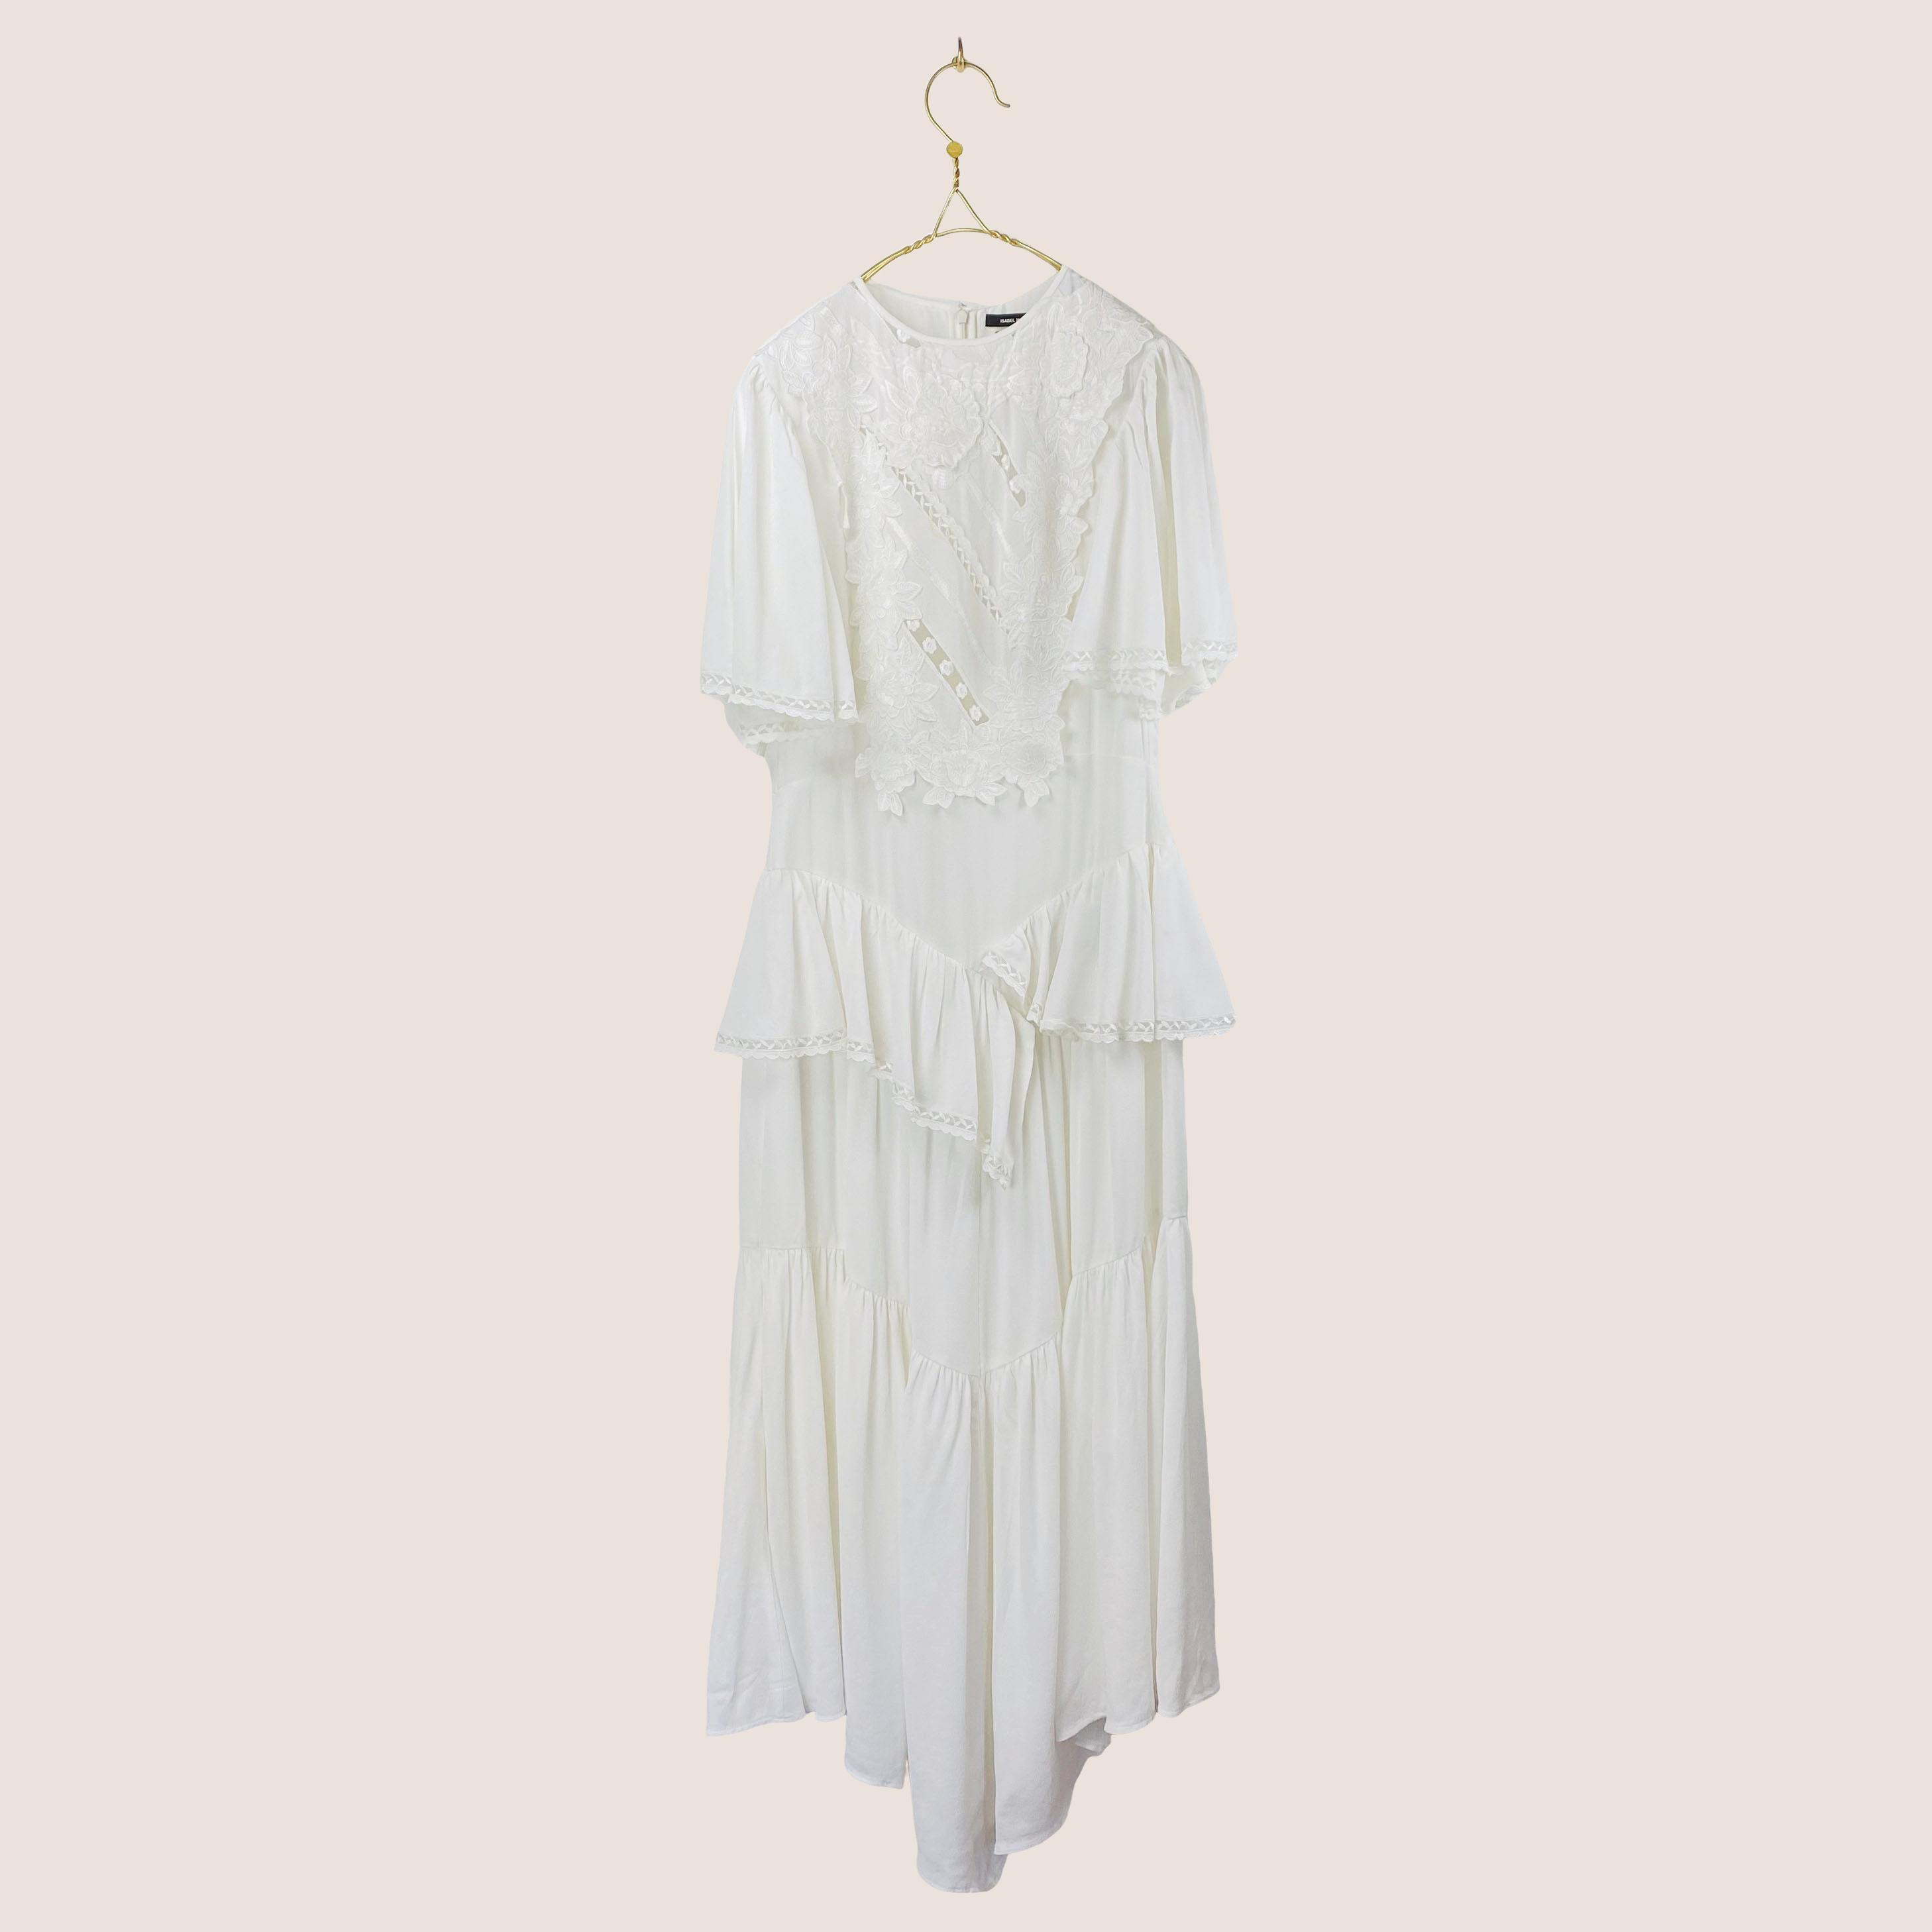 Ladeira Dress